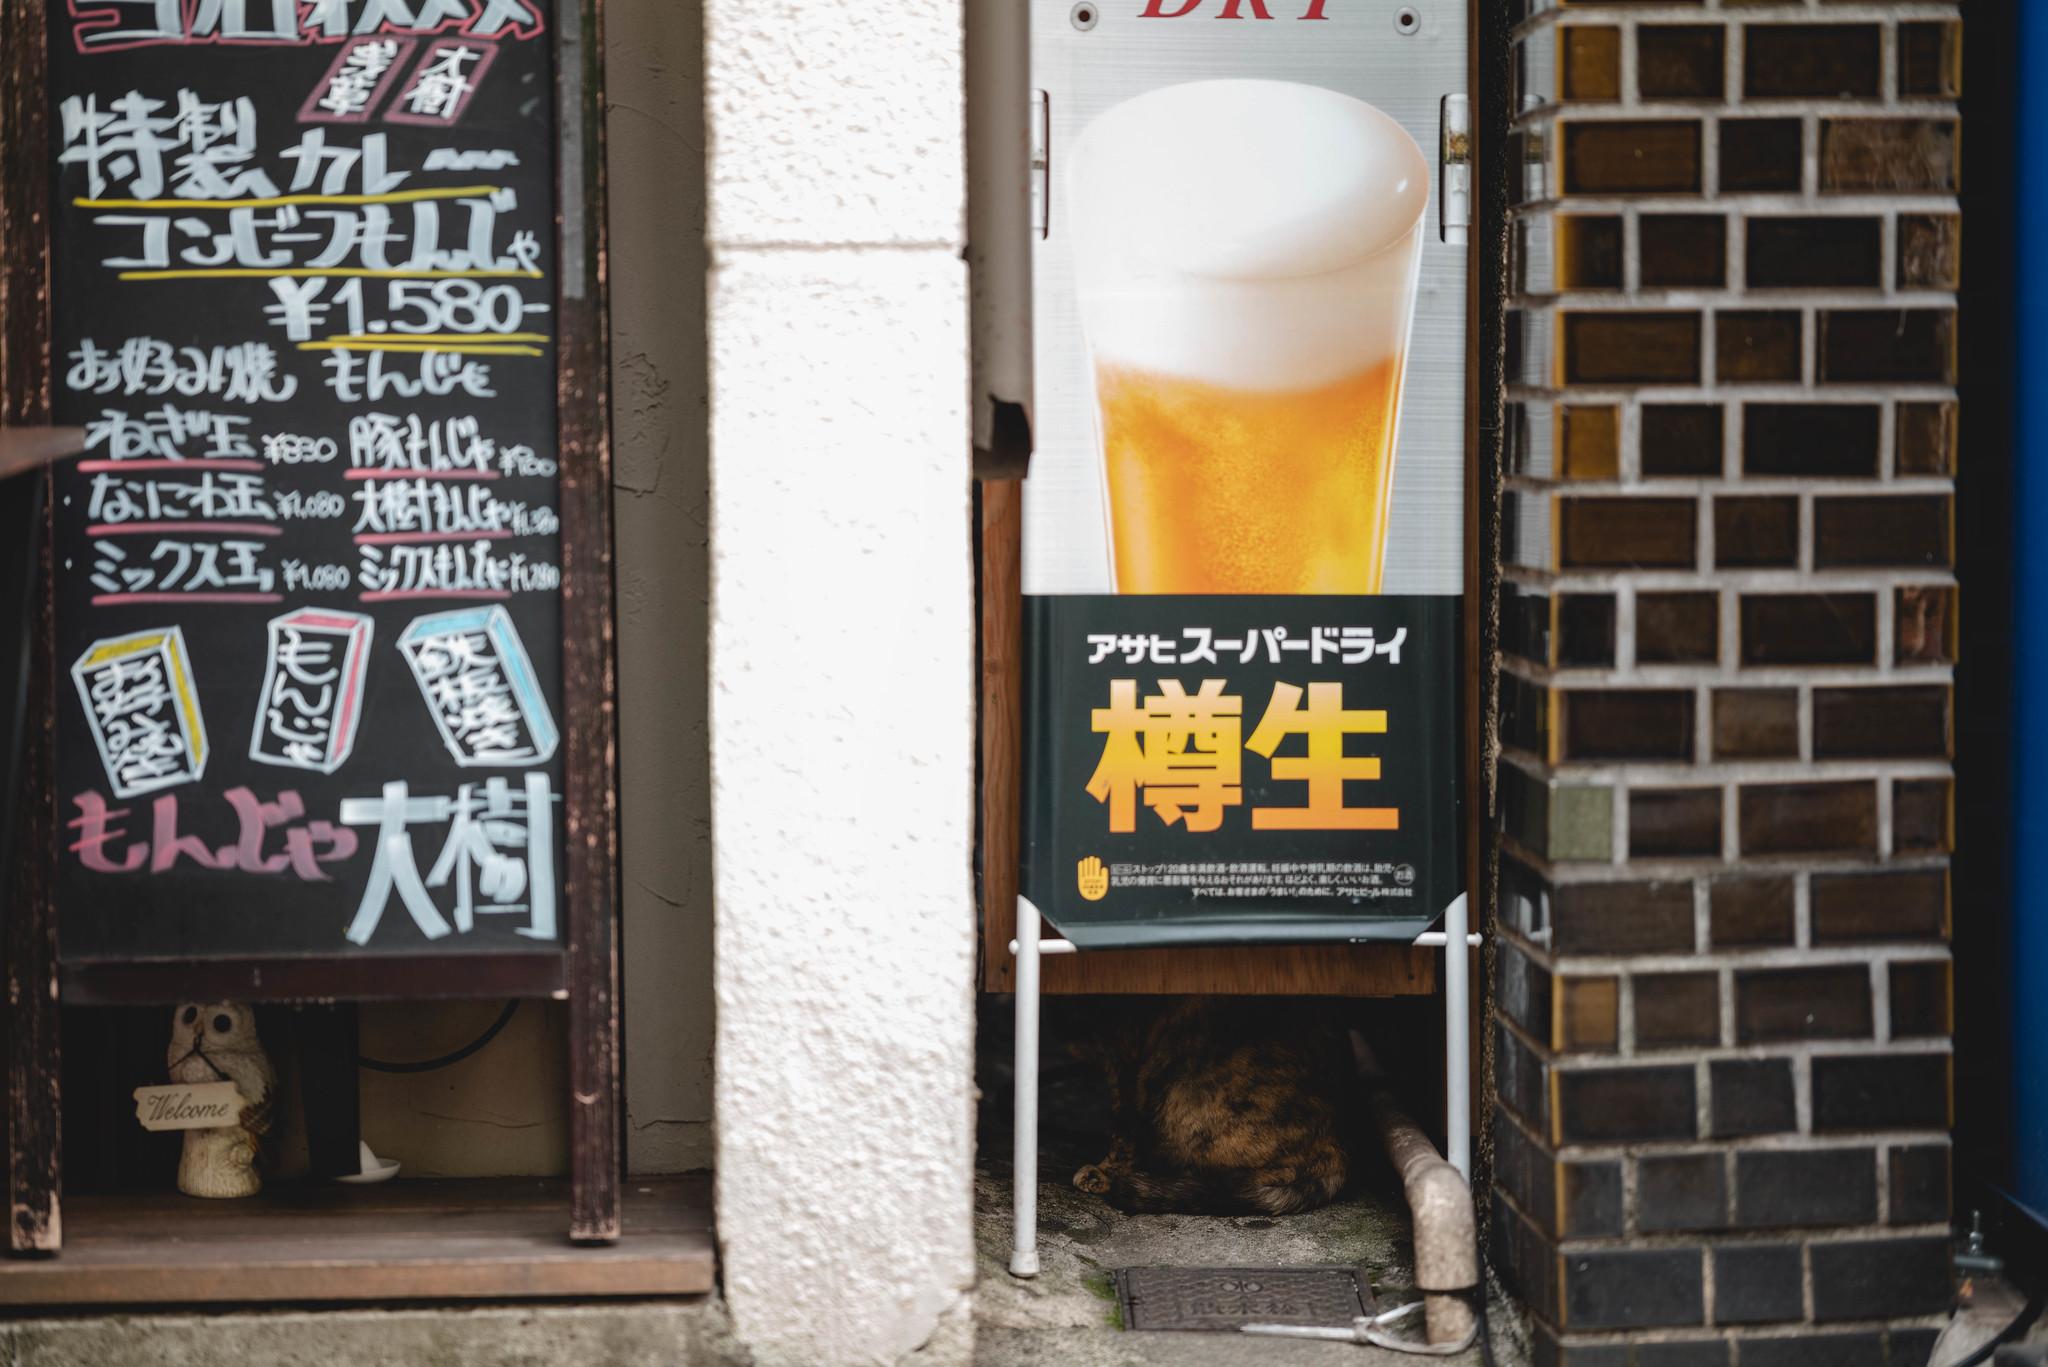 cat in hide and seek